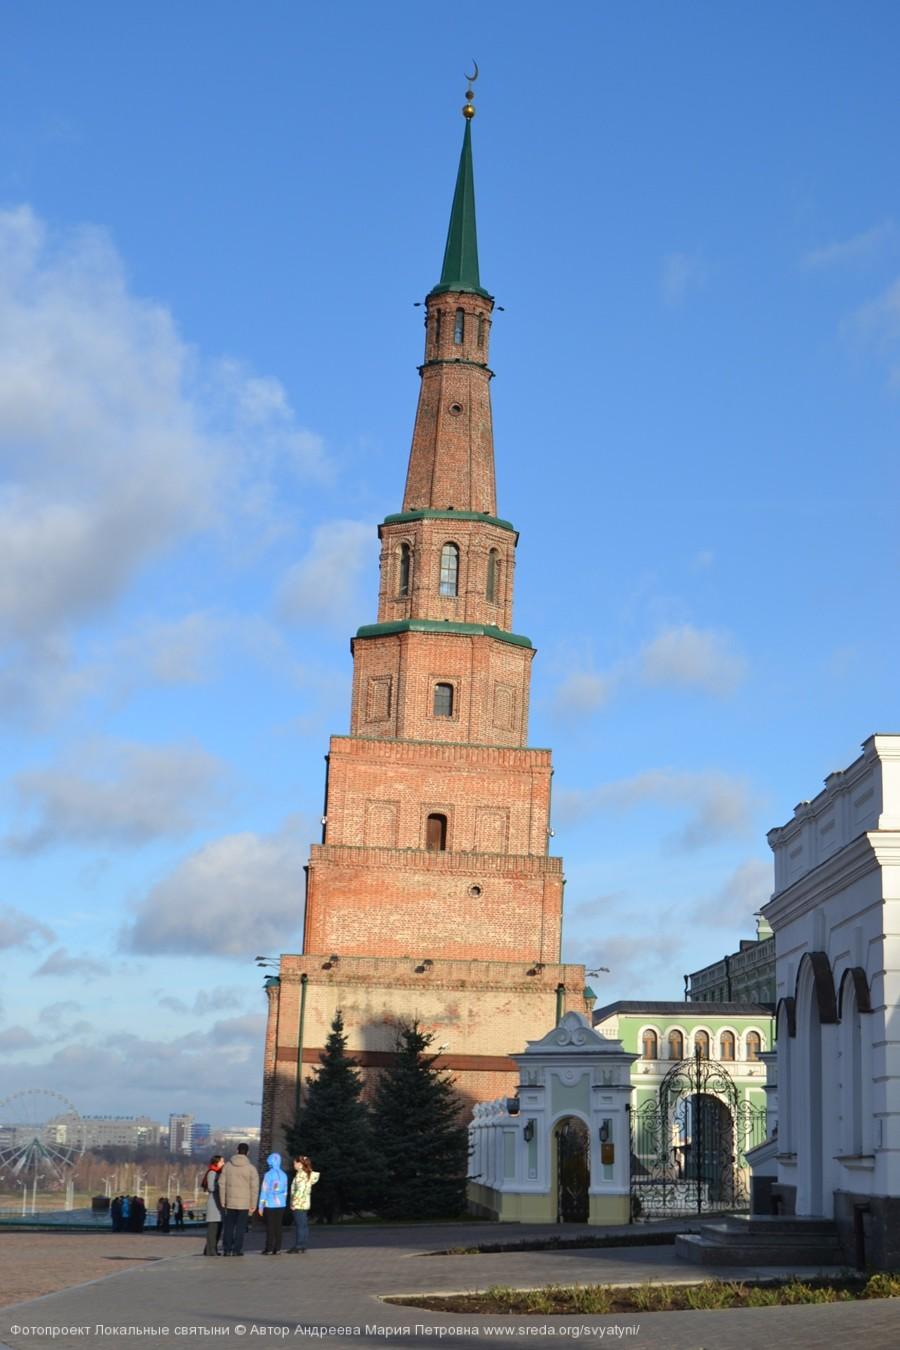 Достопримечательность Казанского Кремля